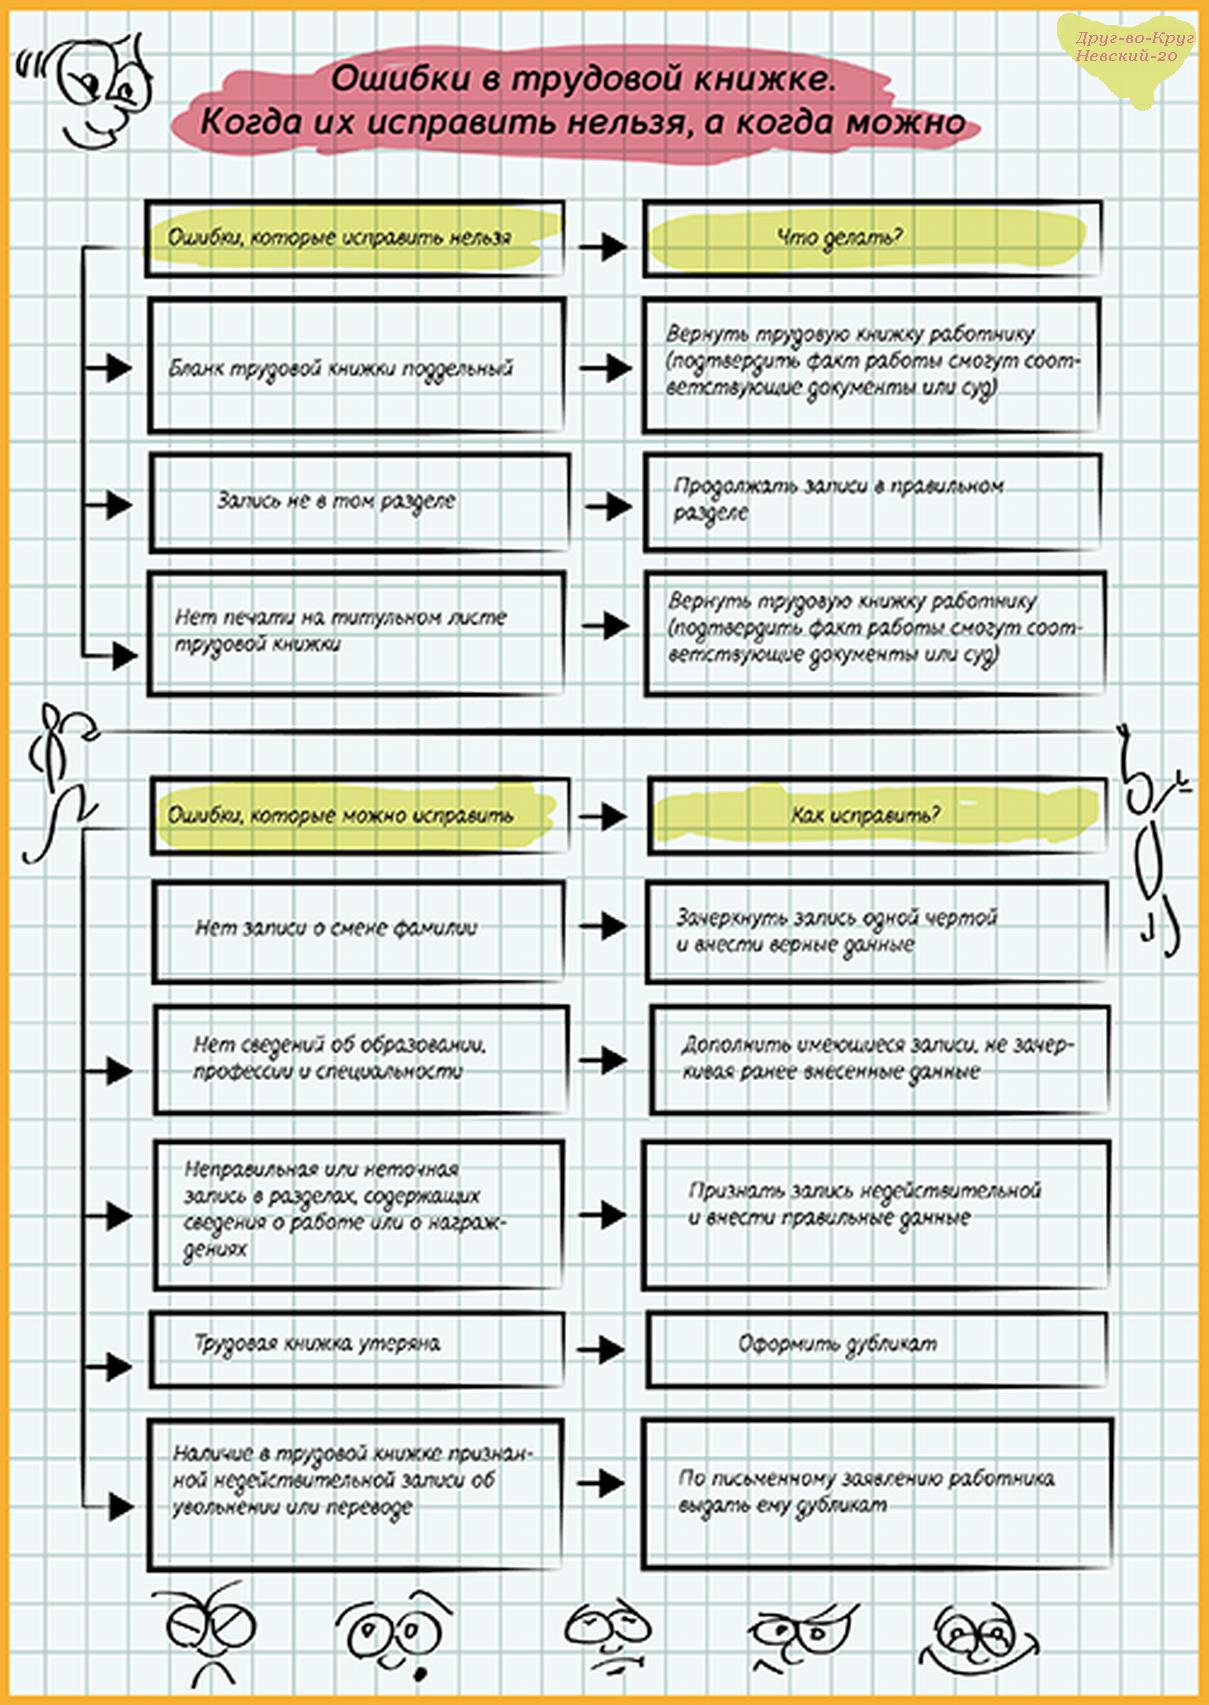 Как сделать запись в трудовой книжке о переводе из одного структурного подразделения в другое